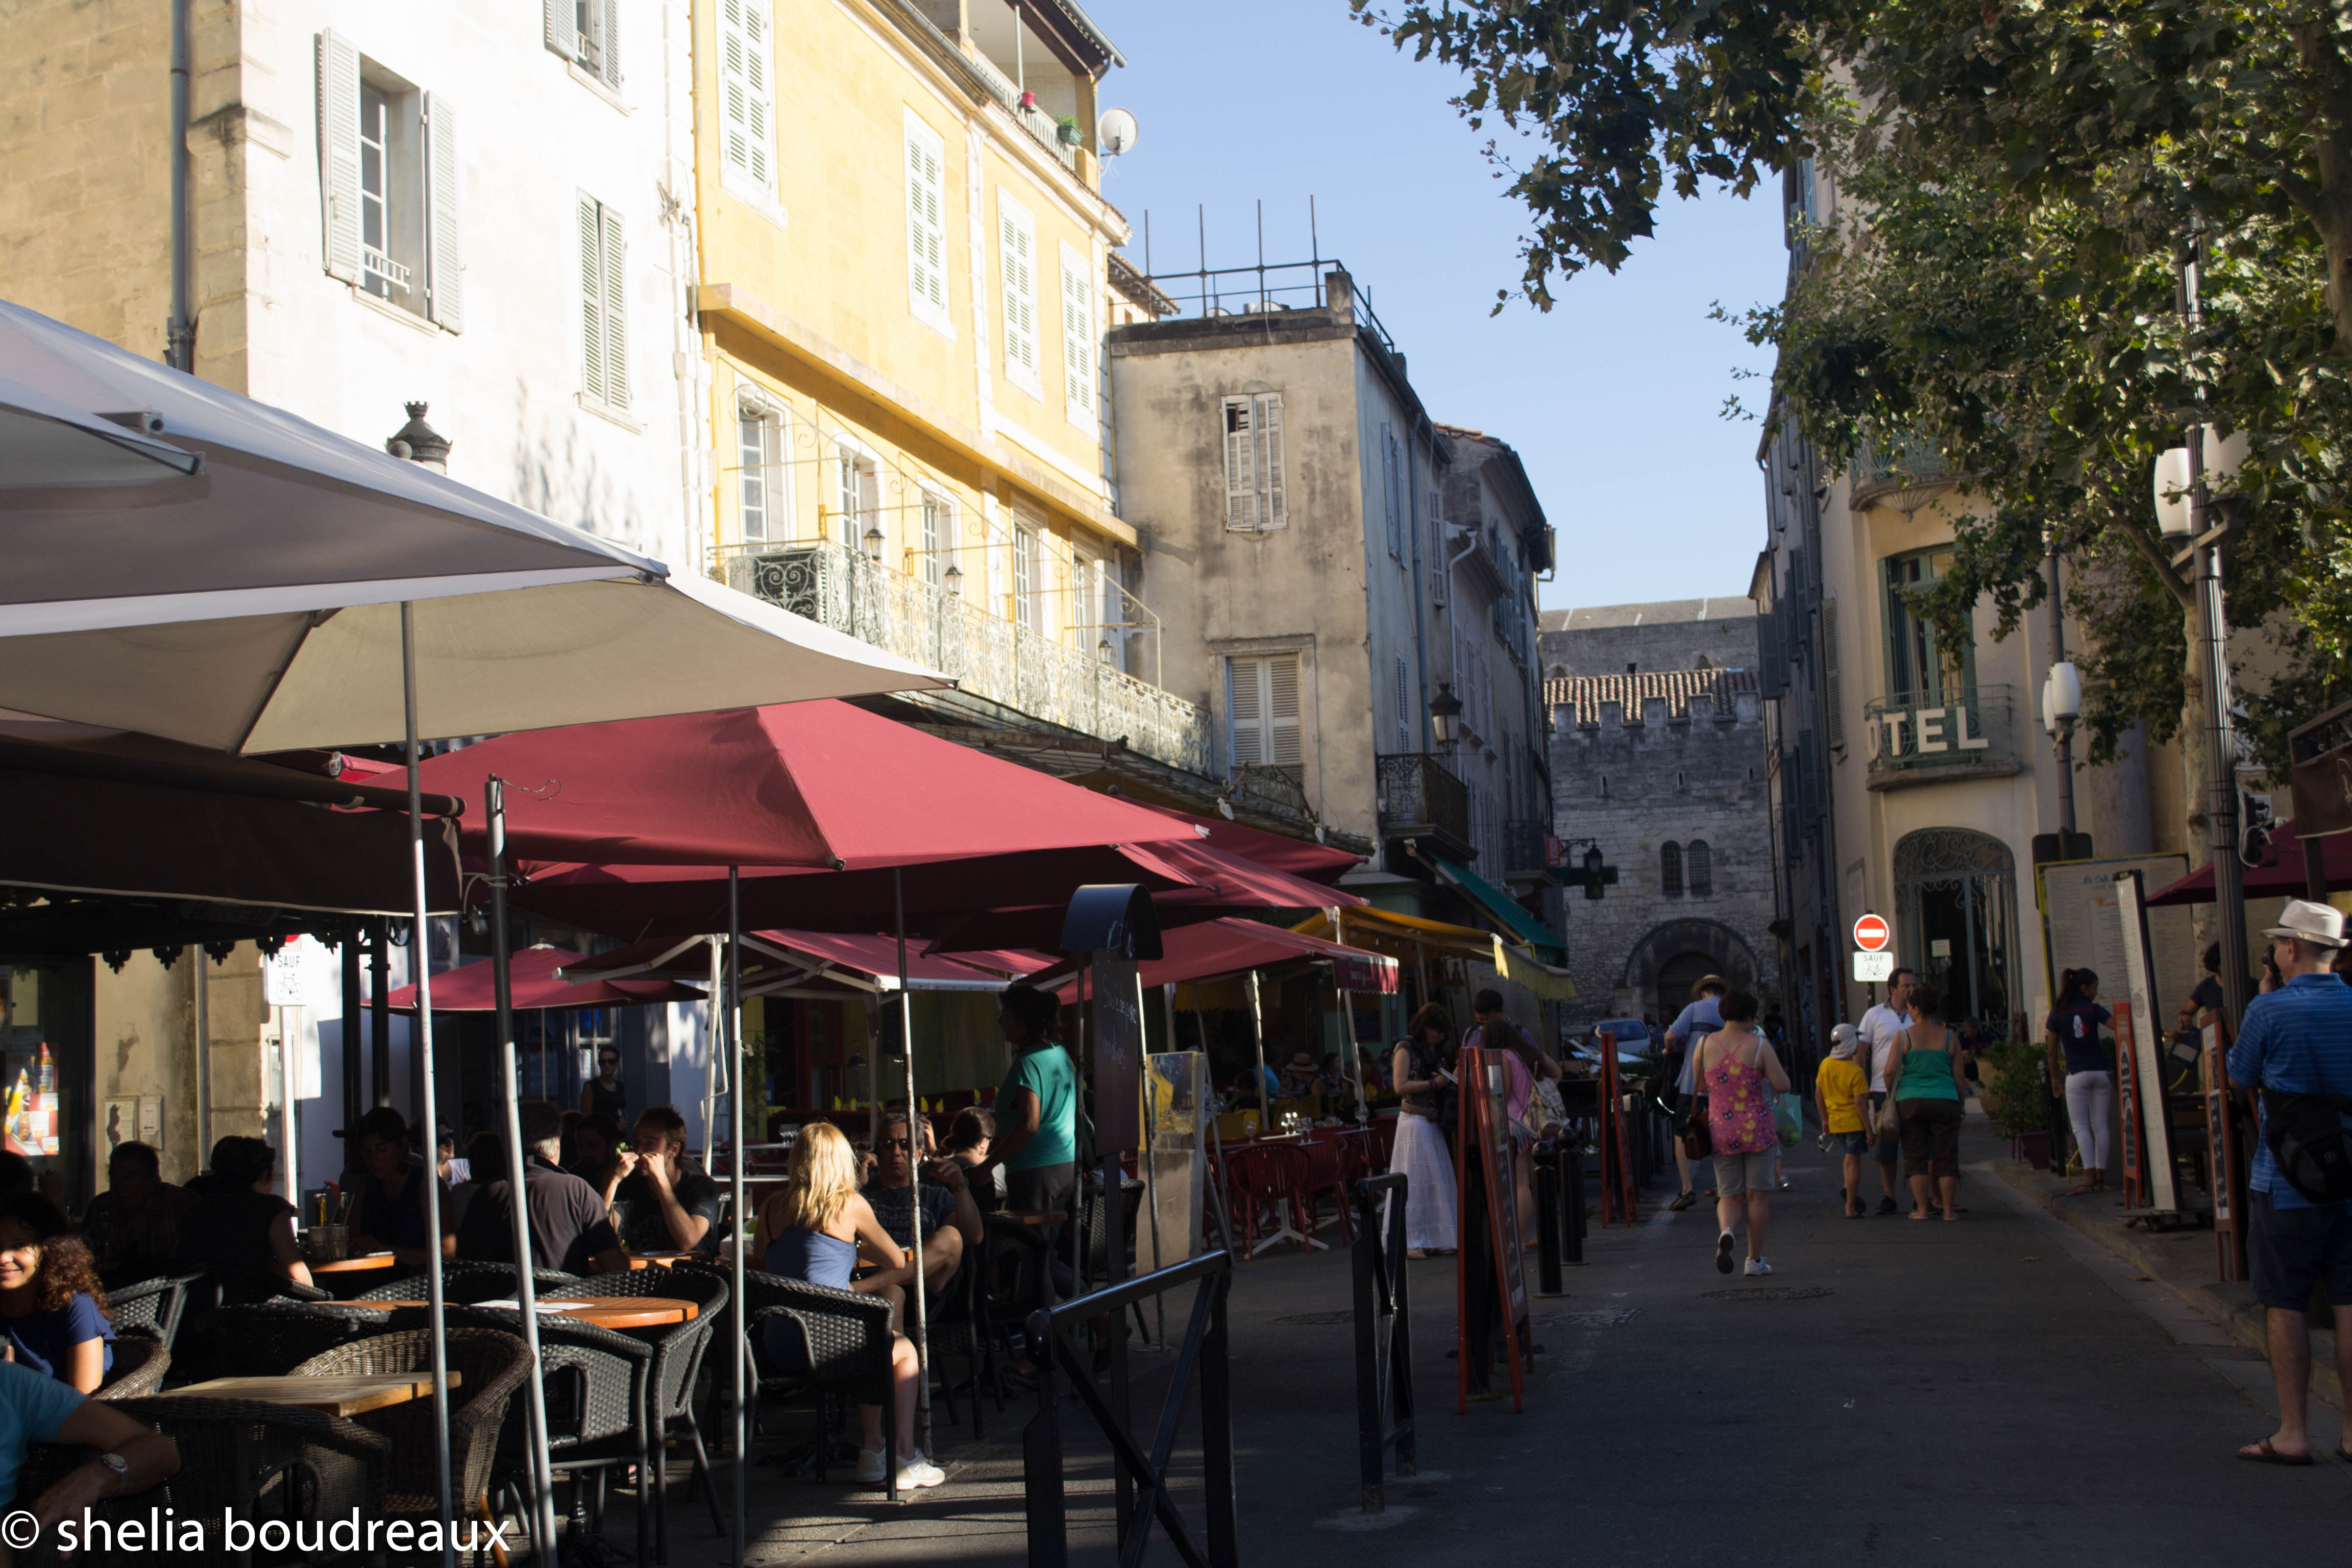 Cafe Terrace, Arles Painted by Van Gogh